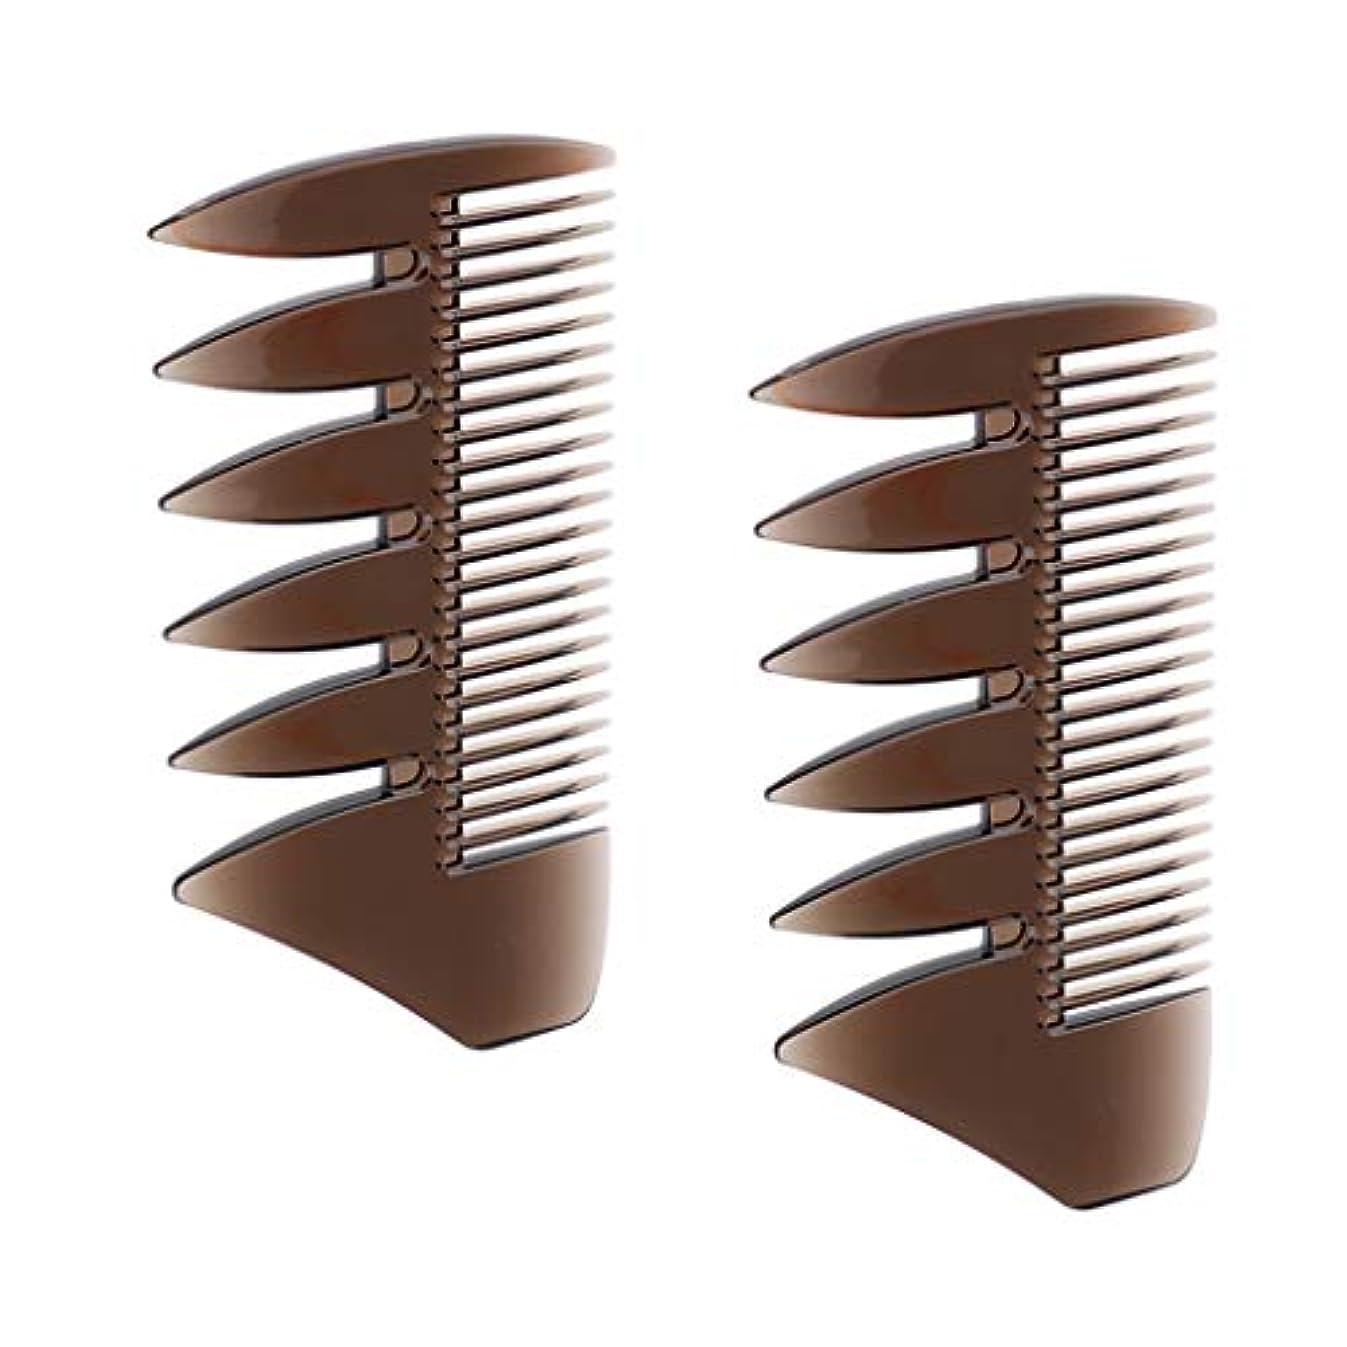 味わうさようなら指紋2個 ヘアコンビ デュアルサイド メンズ オイルの髪 櫛 ヘアサロン ヘアスタイリング